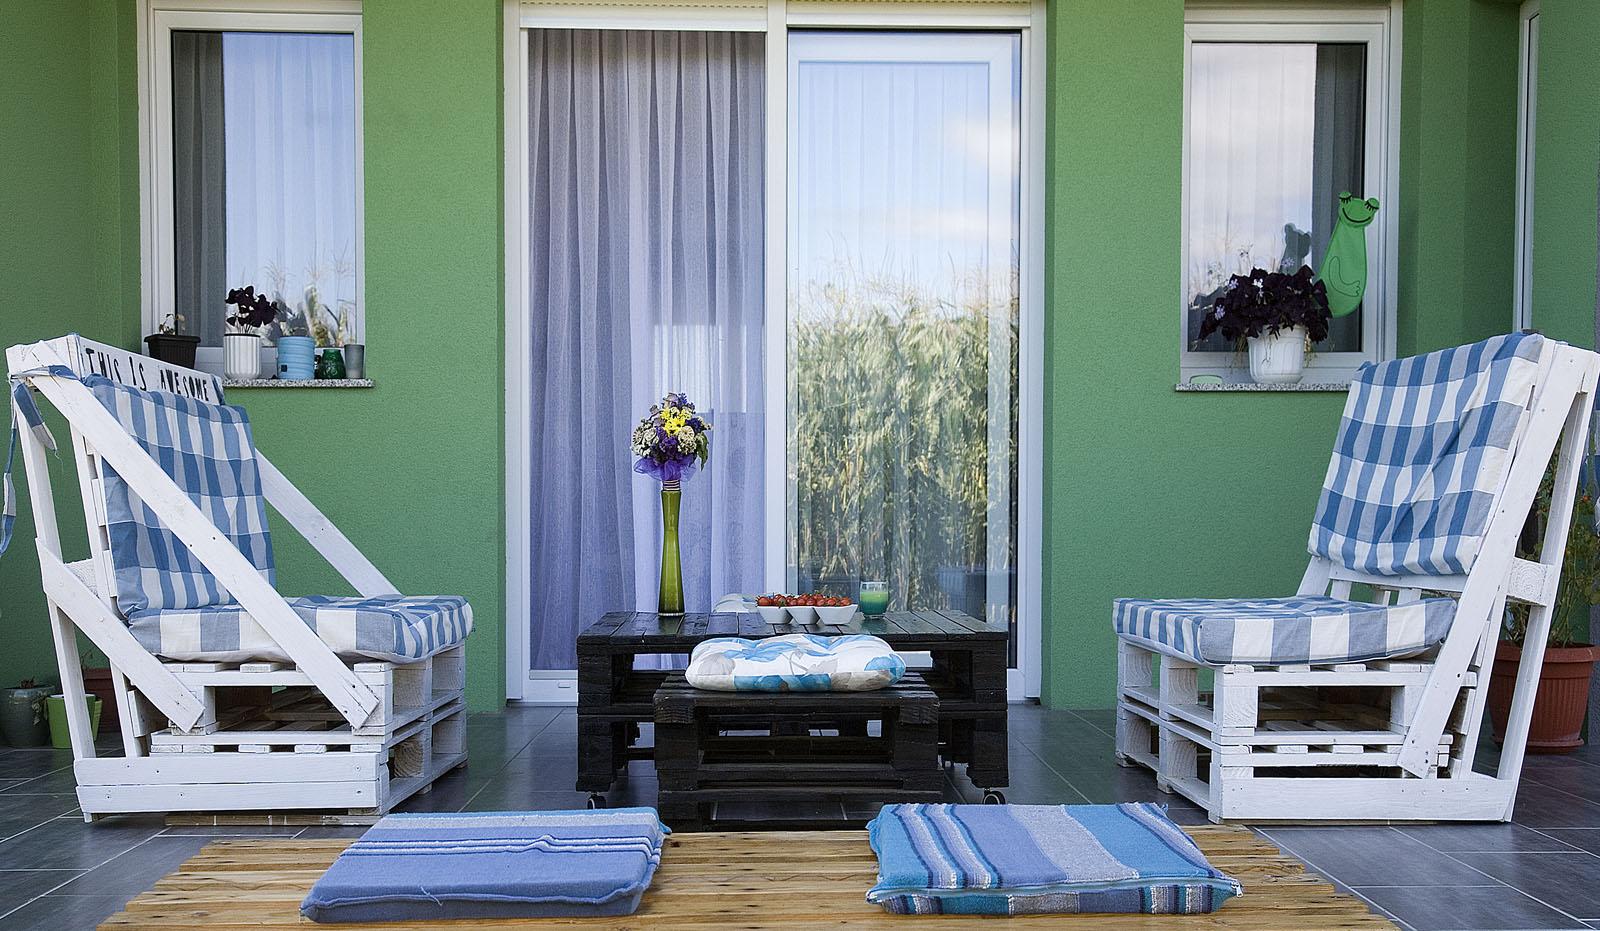 Garnitura za terasu napravljena od paleta.